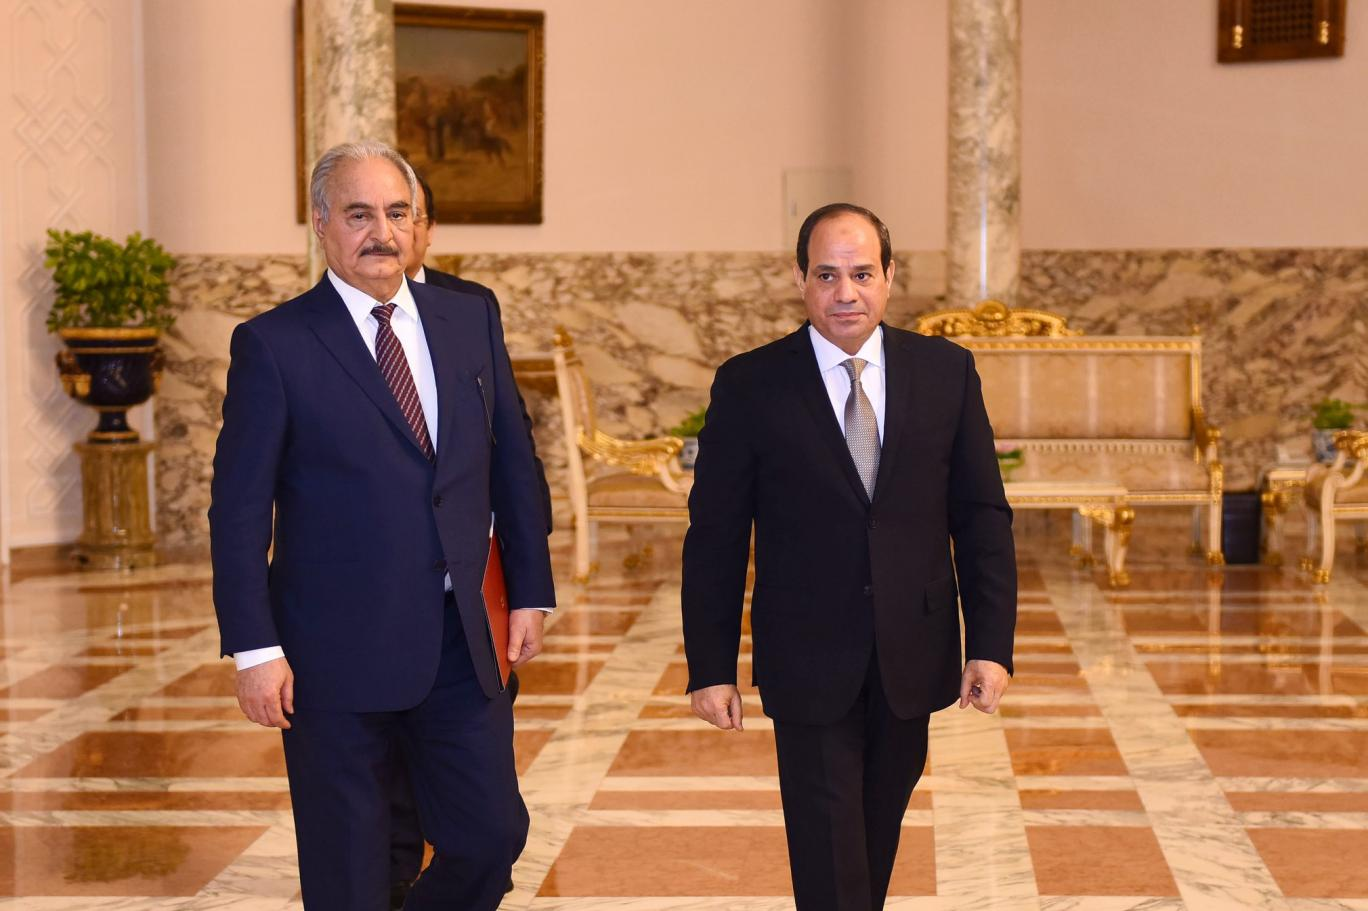 الجيش الليبي يعتذر لمصر قيادةً وشعباً على ما حدث وبكري جريمة لن تمر ومصر لن تسكت